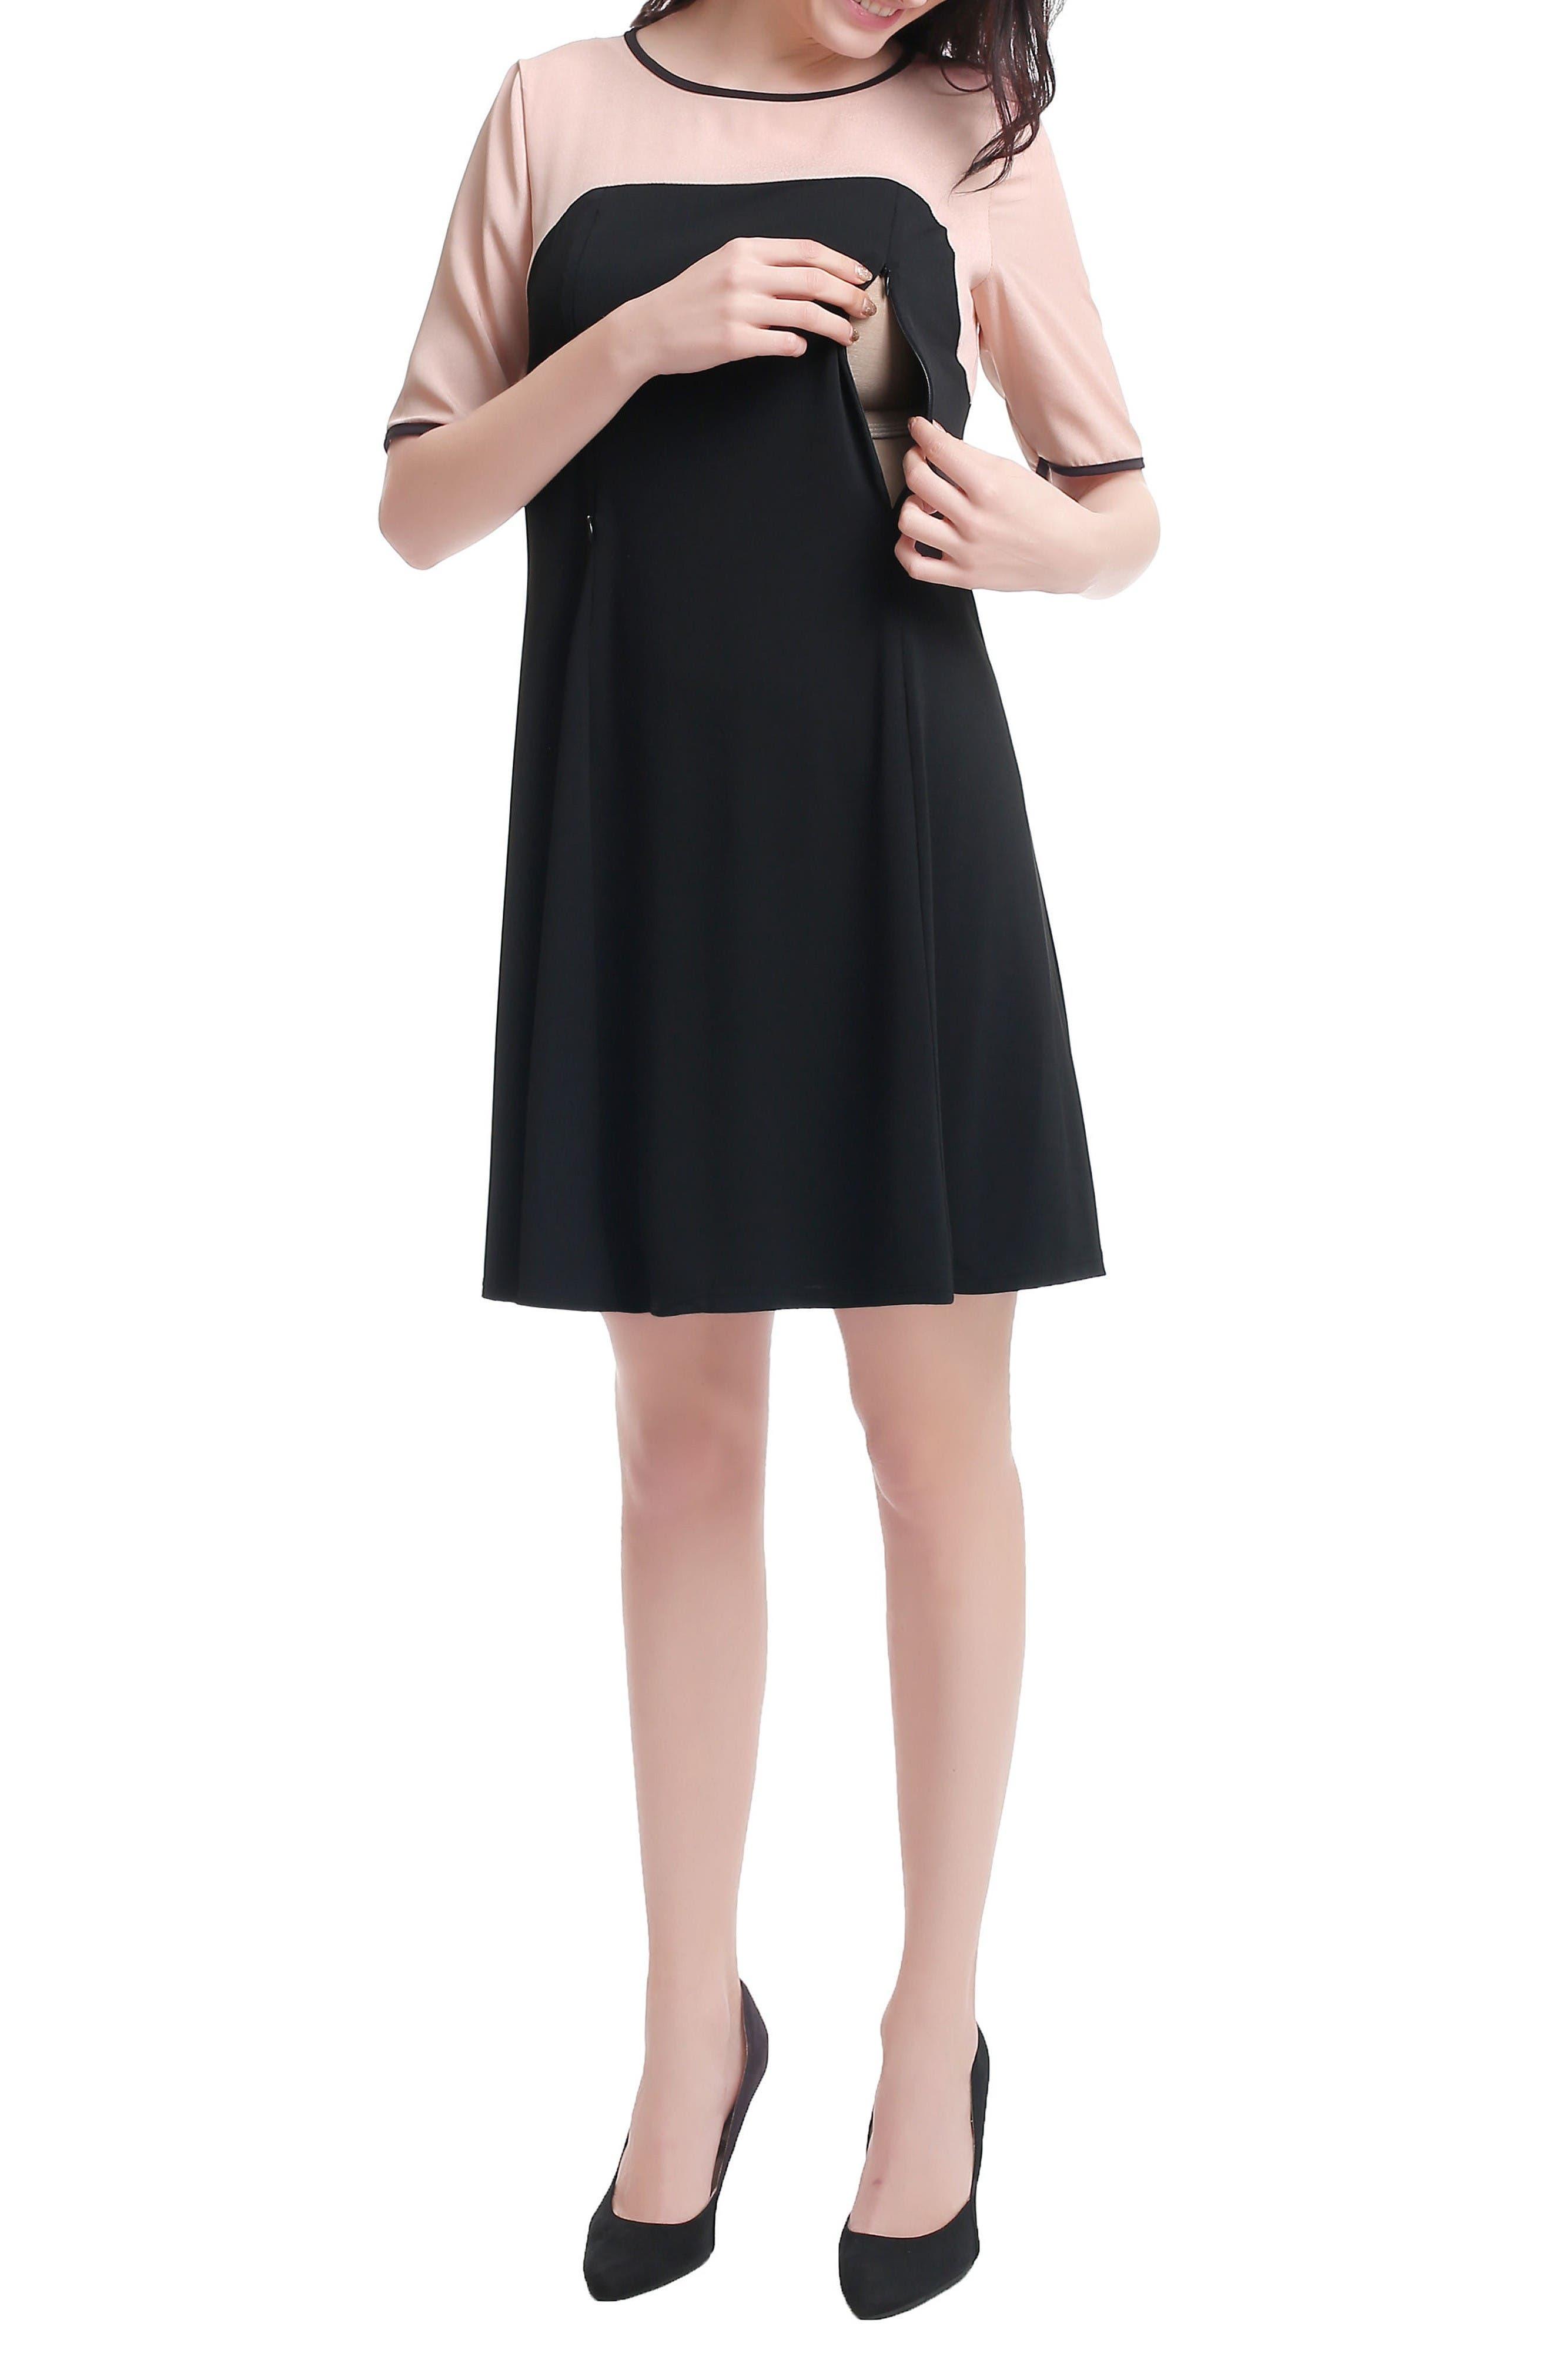 Kimi & Kai Maggie Maternity/Nursing Shift Dress,                             Alternate thumbnail 4, color,                             Black/ Blush